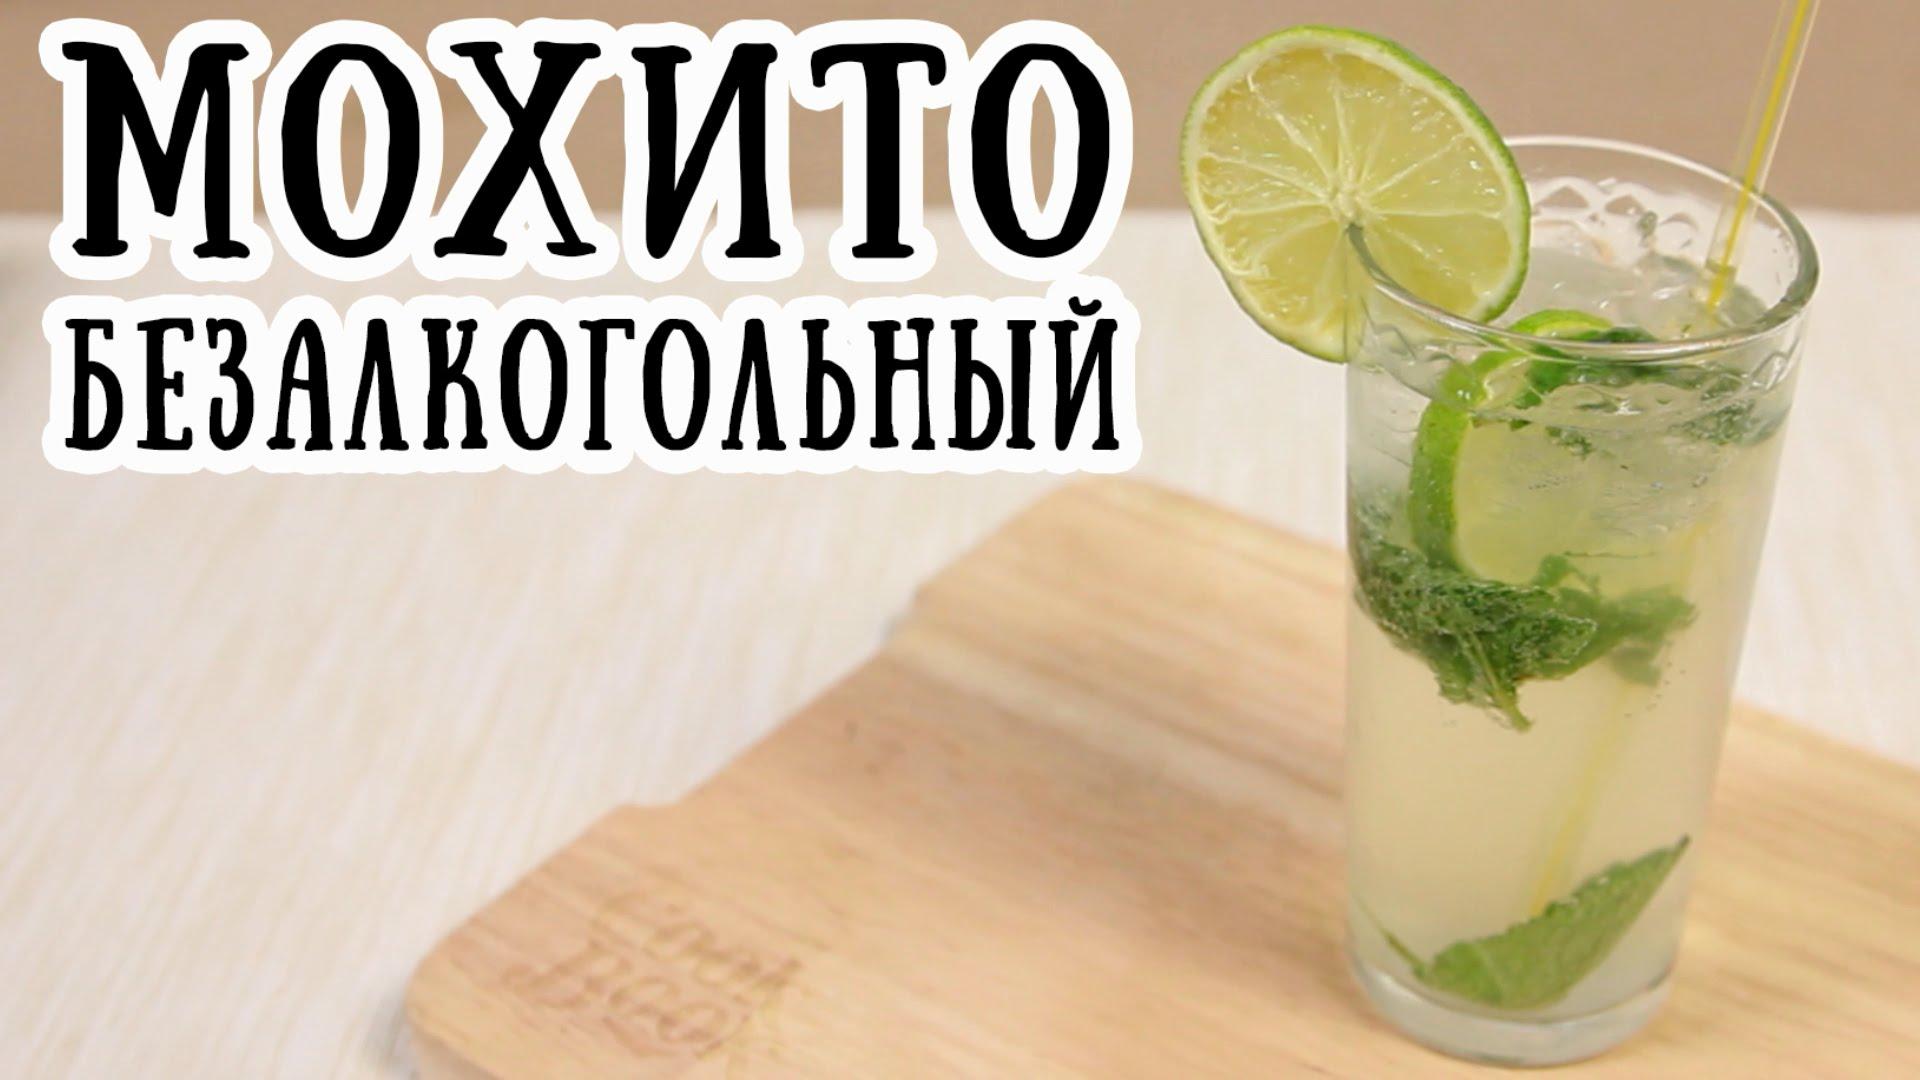 Как сделать безалкогольный коктейль мохито